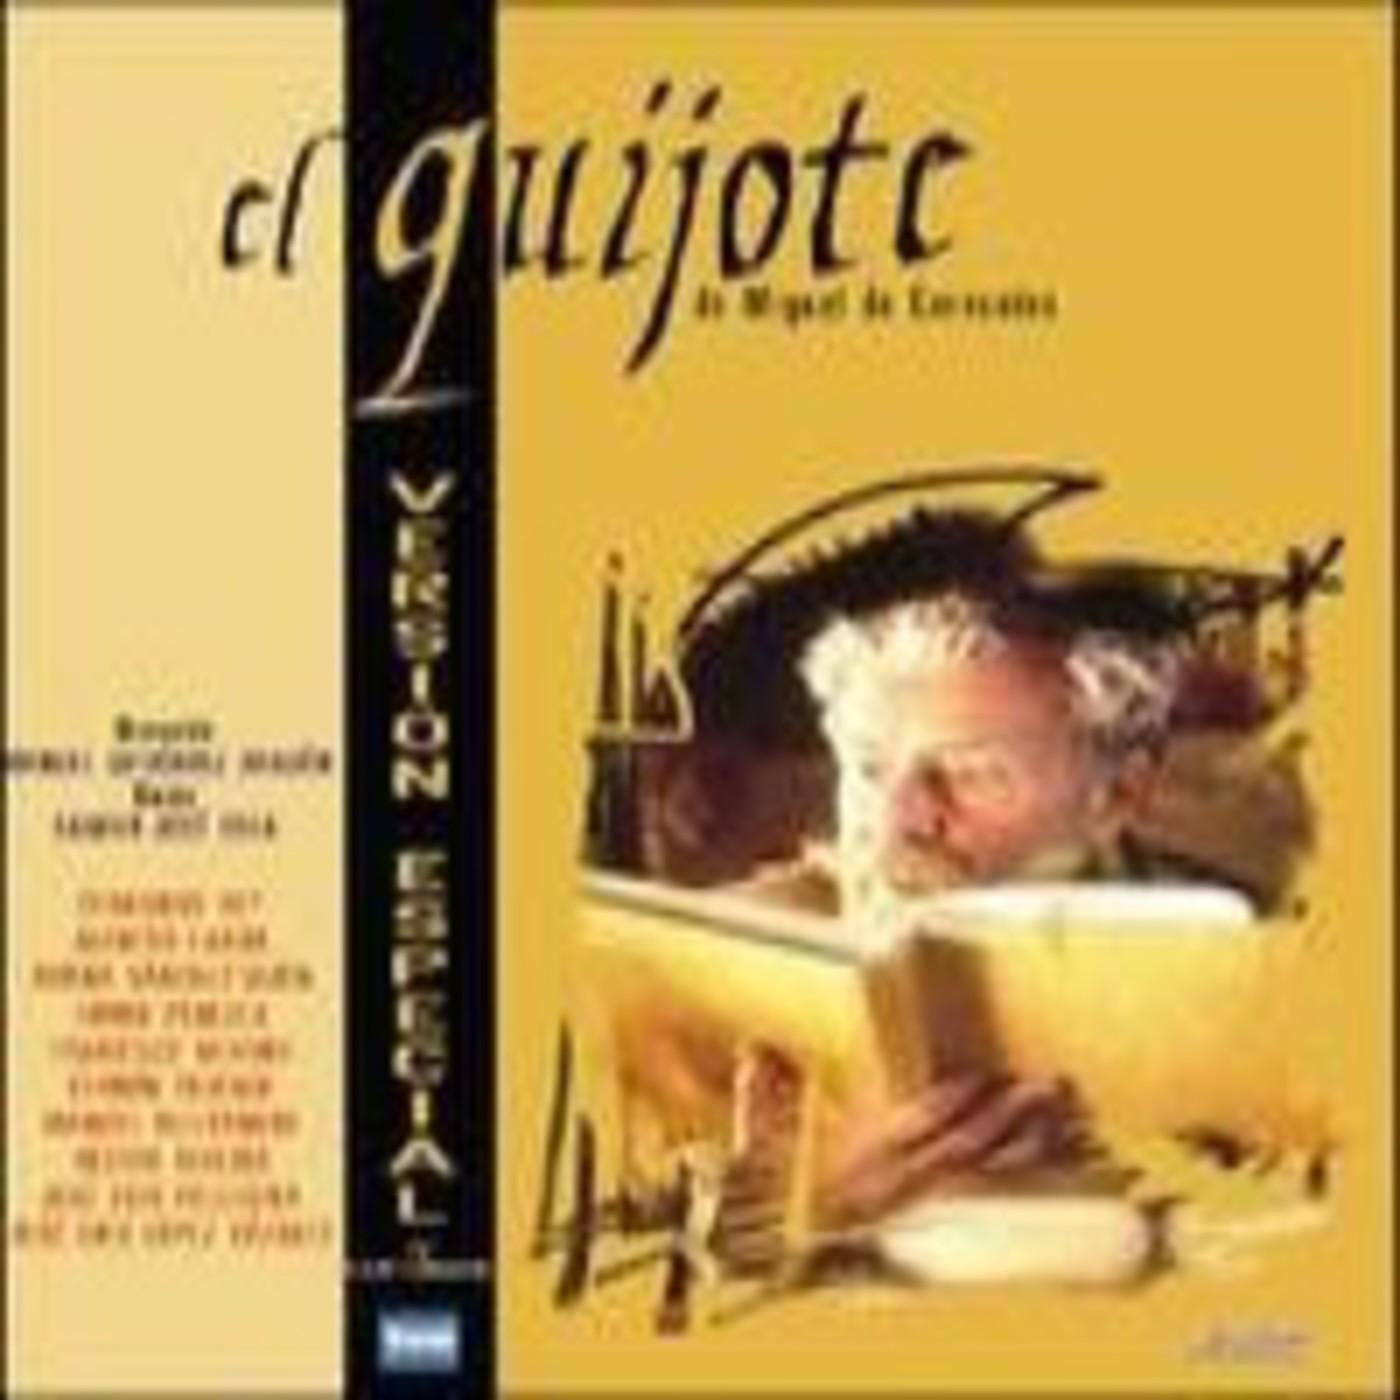 El Quijote de Miguel de Cervantes - ( Aventuras. Comedia, Drama, 1991) ( Capitulo 1 de 3)